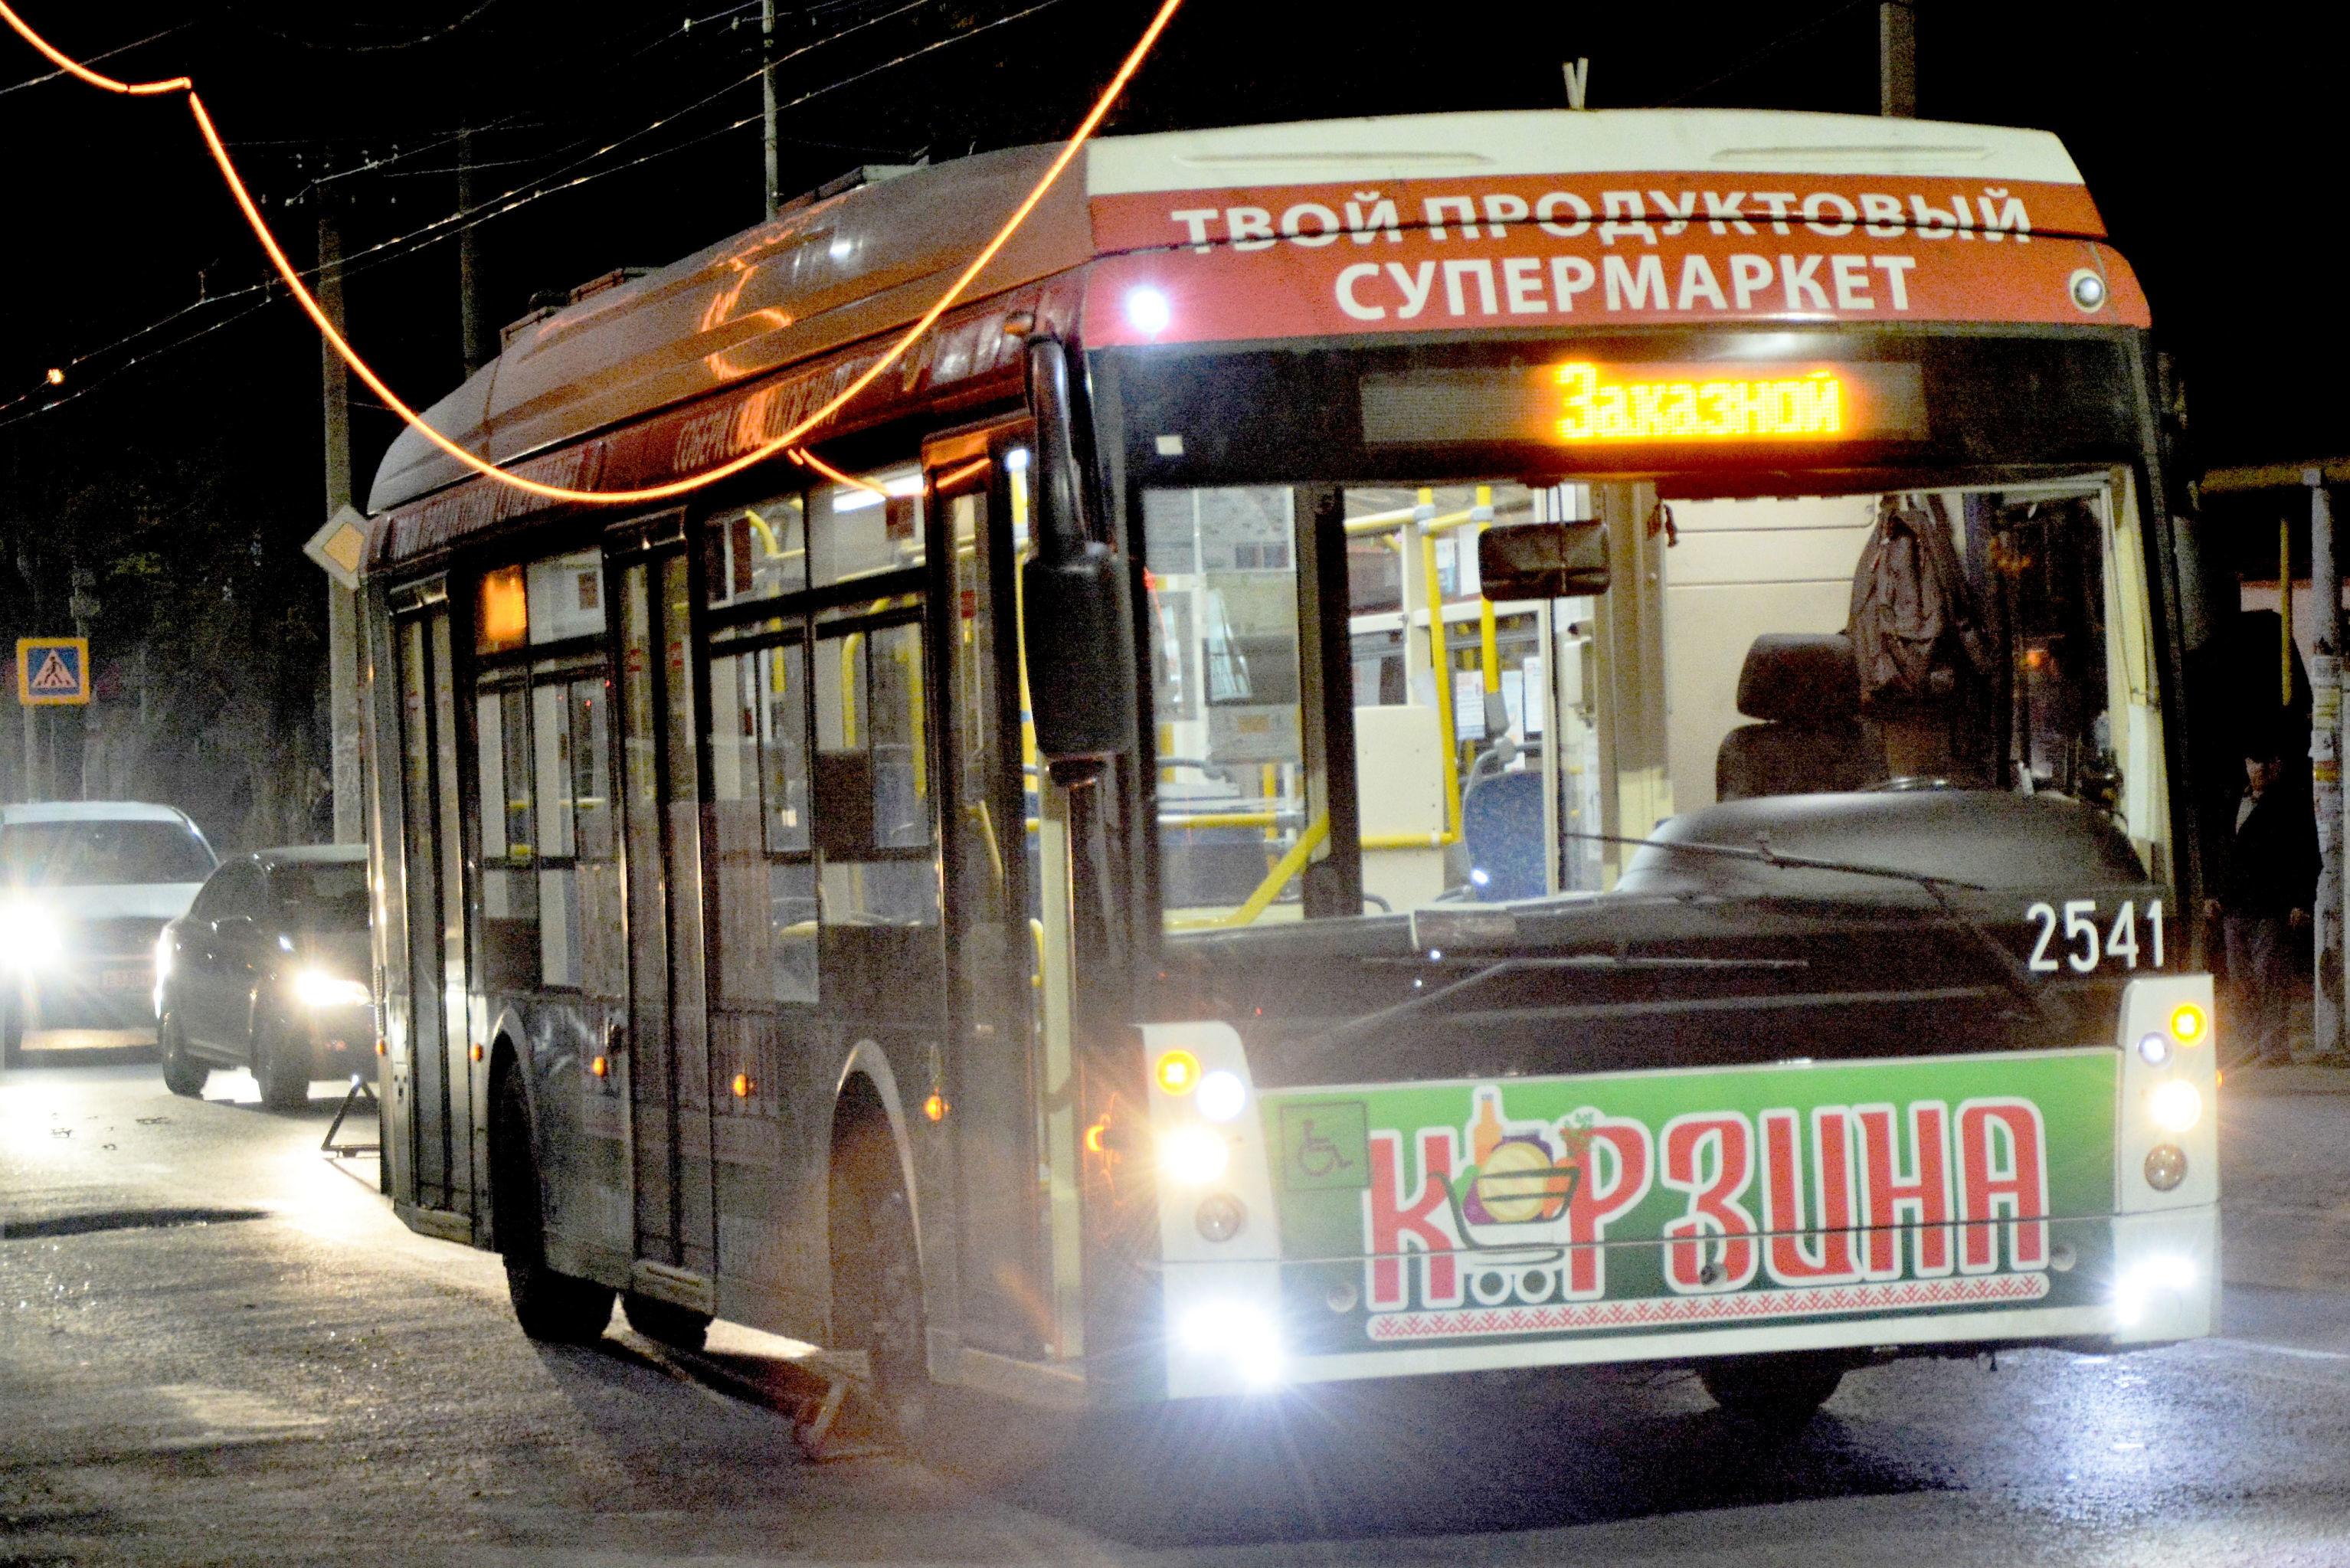 В Симферополе загорелась троллейбусная линия